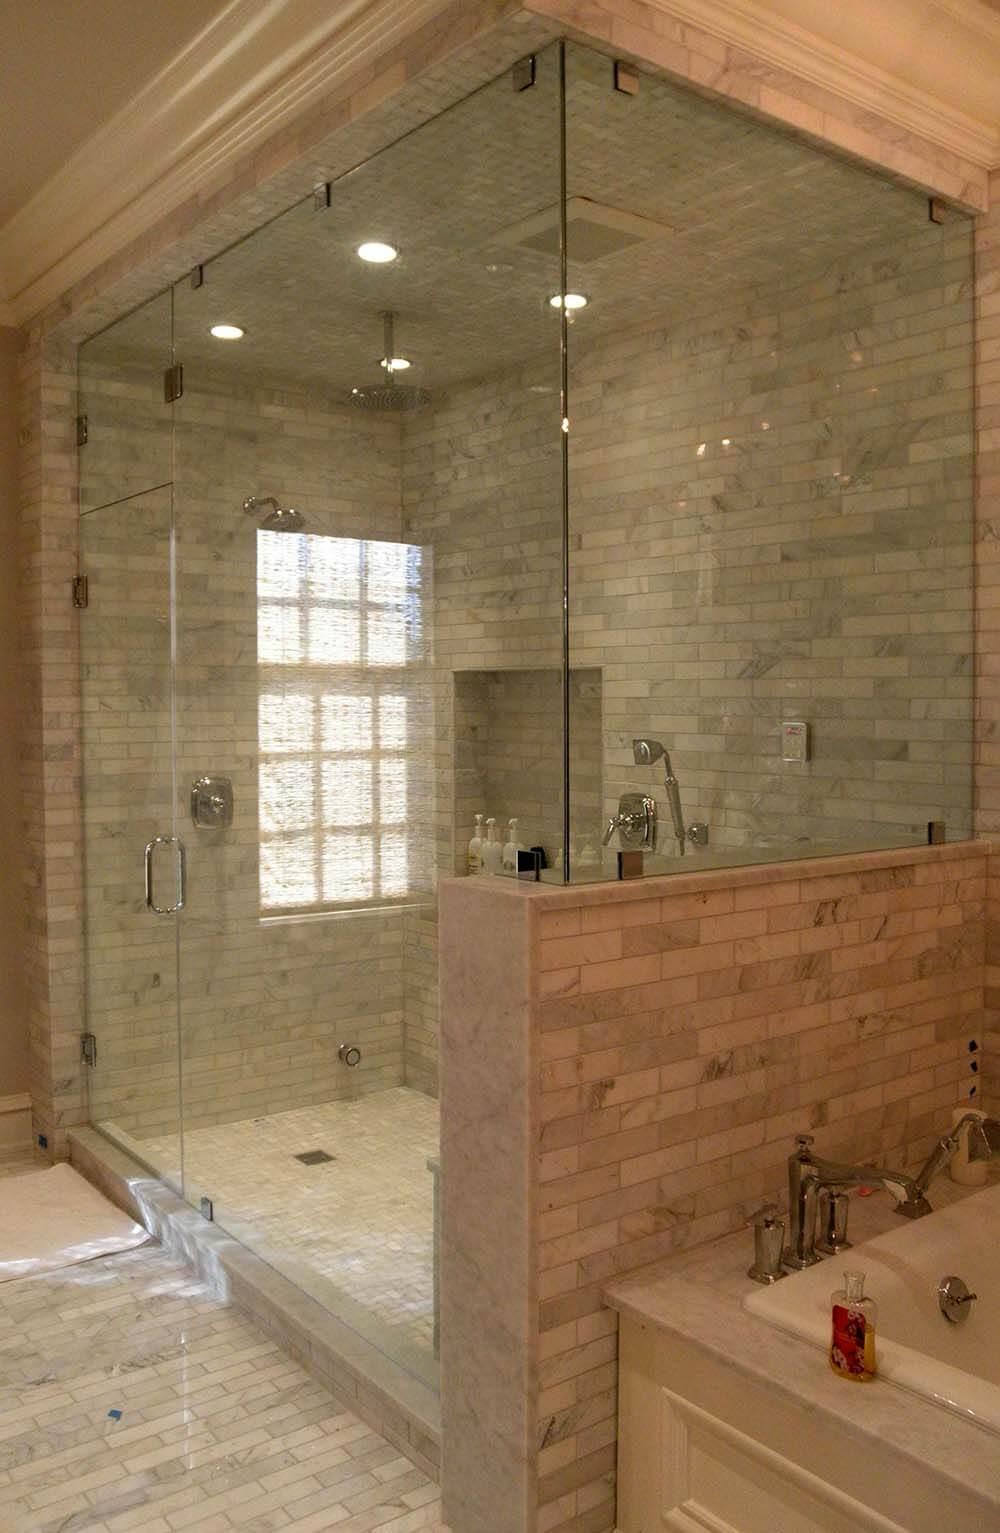 Shower Door with Clamps